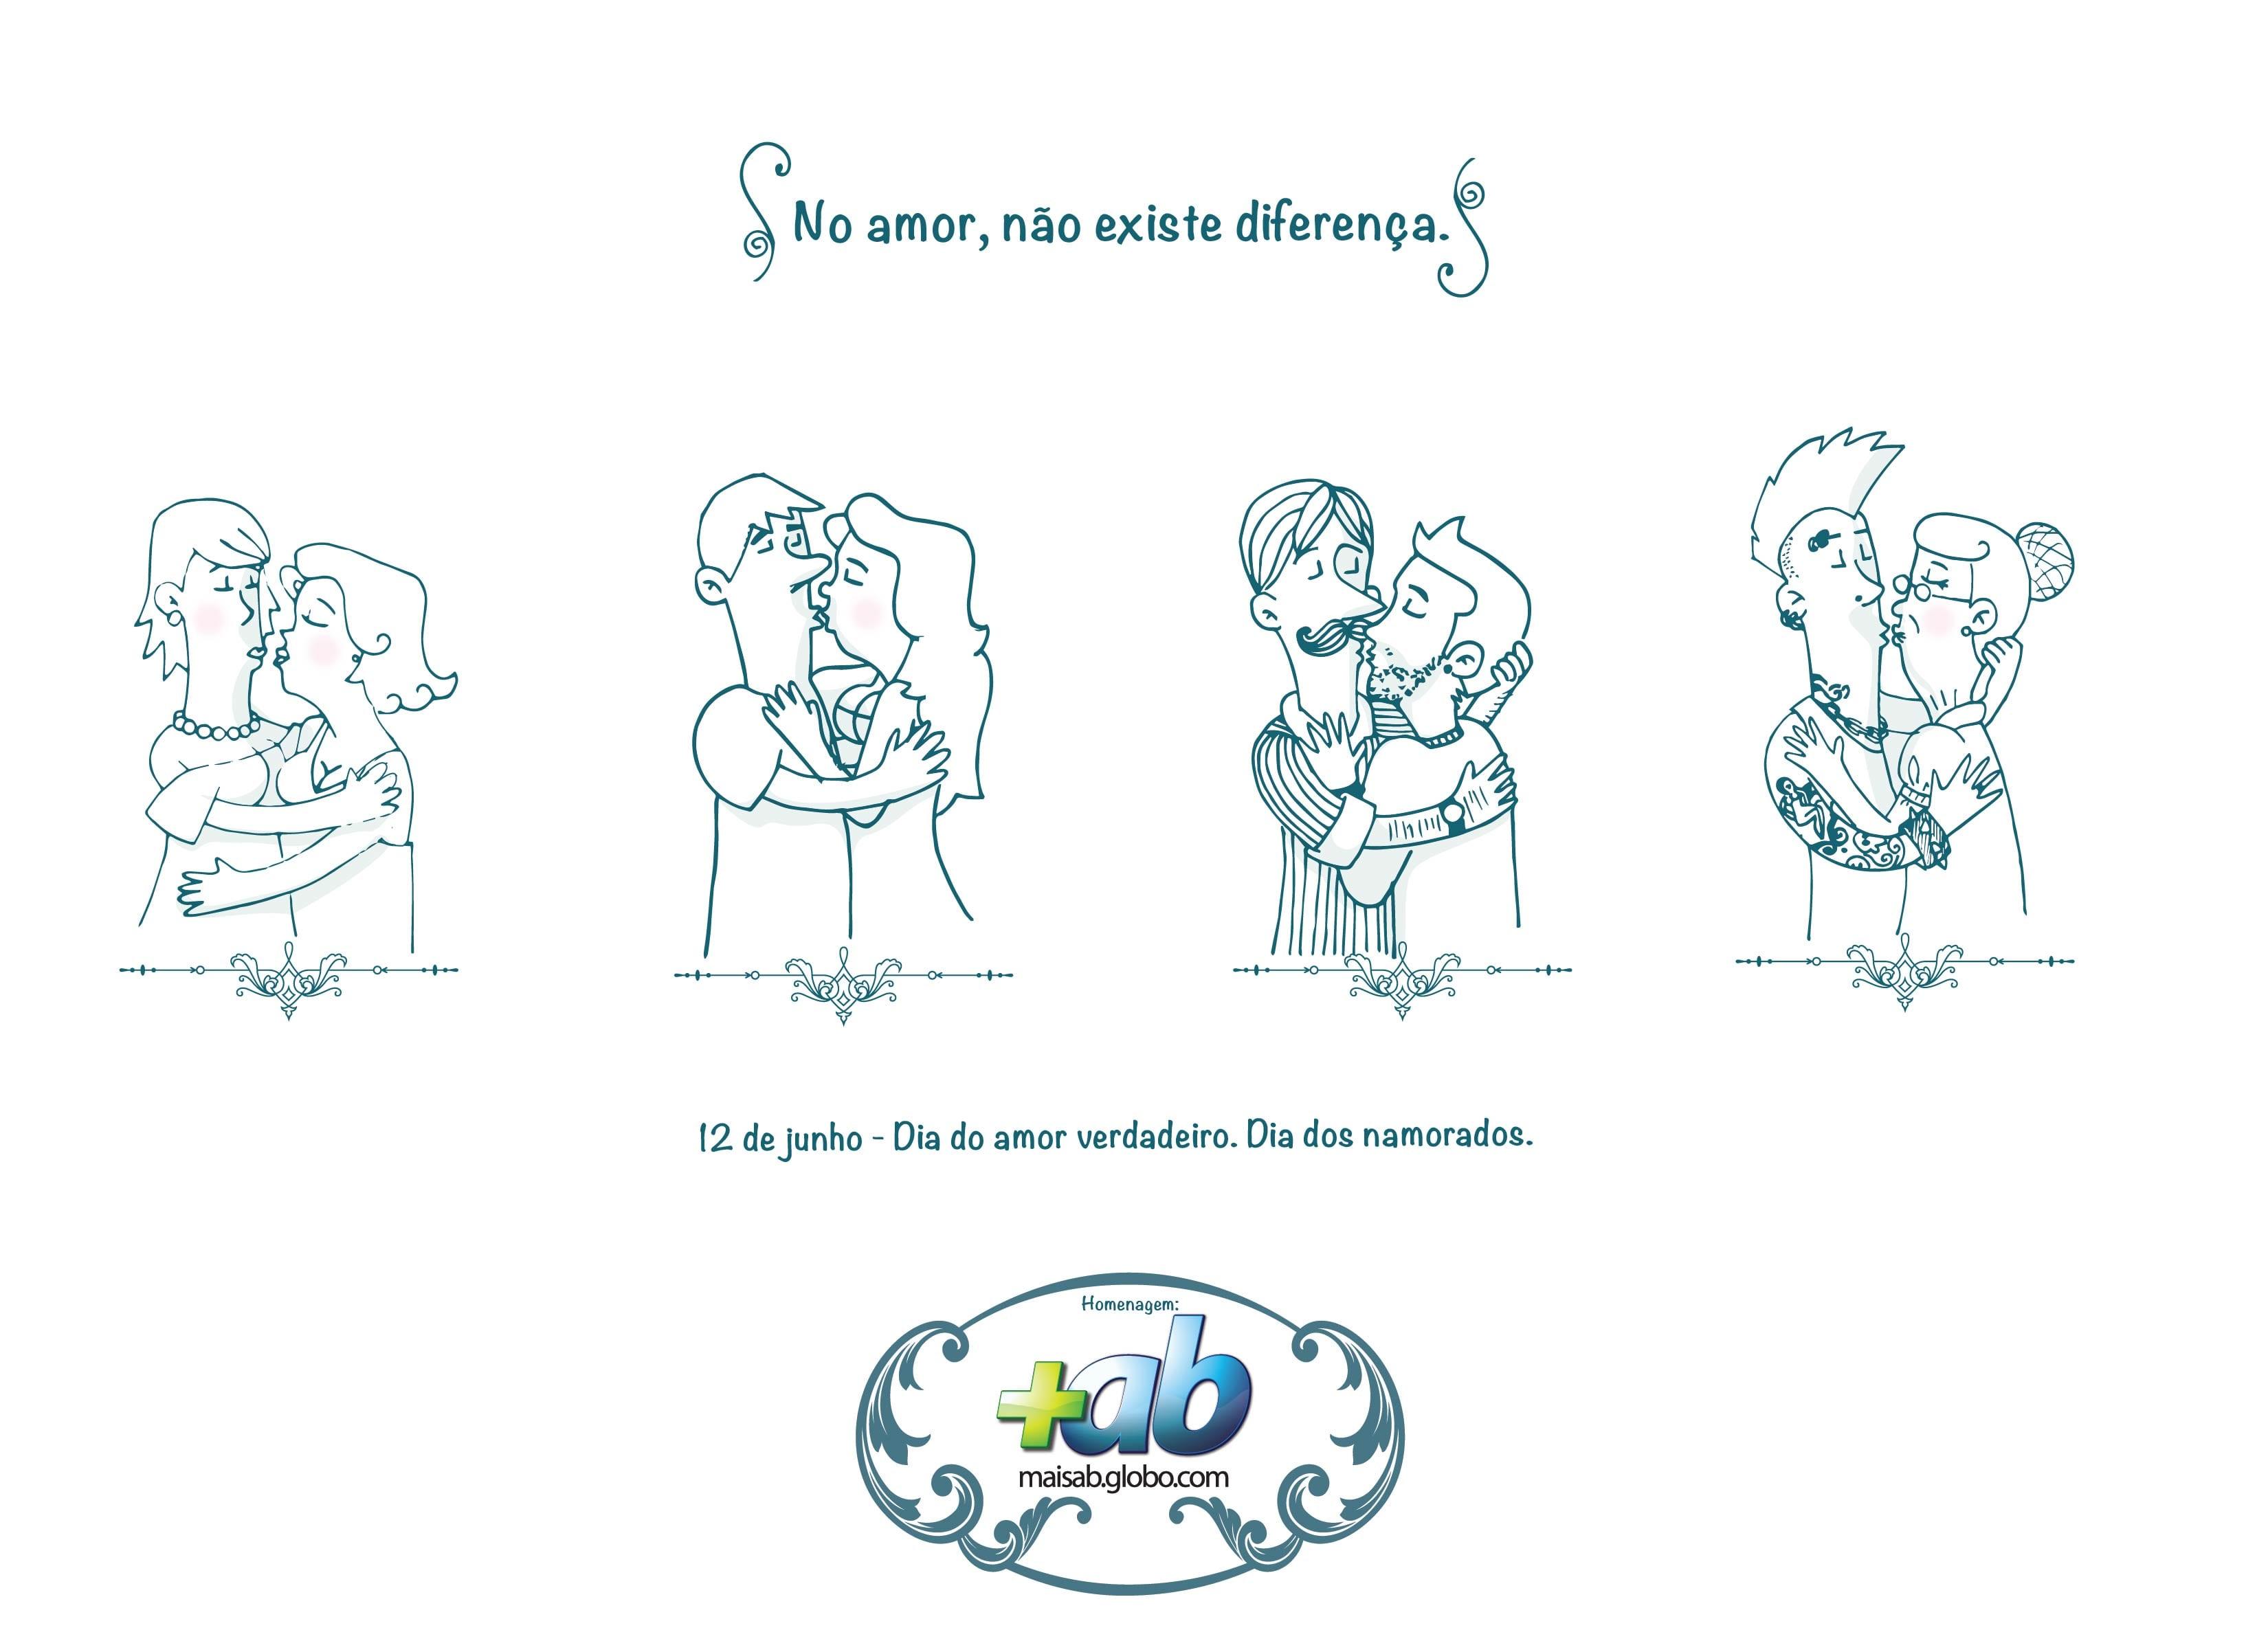 diadosnamorados (9)